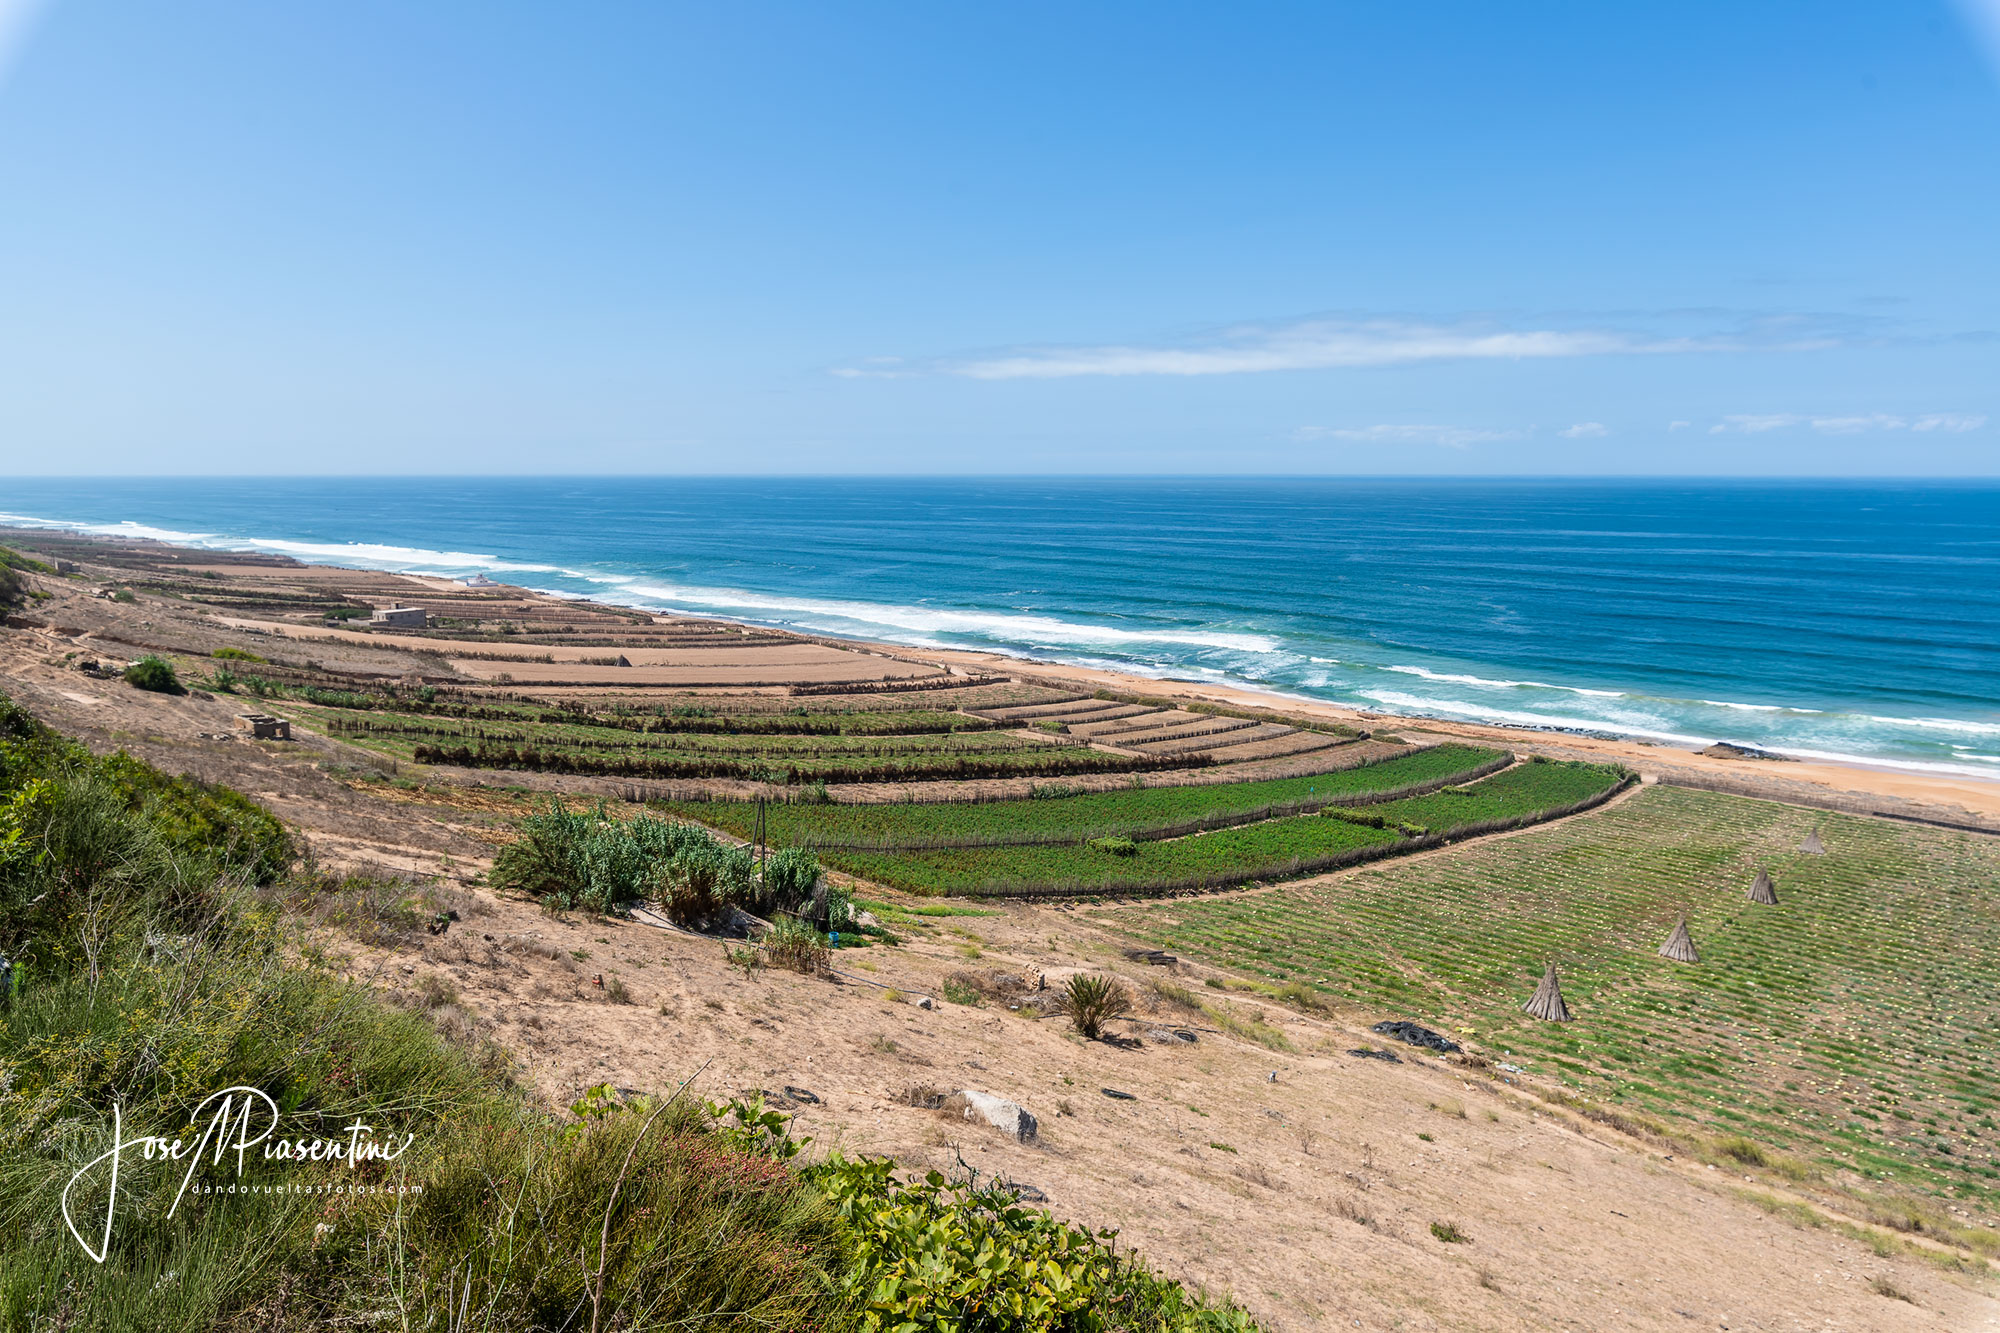 Marruecos terrazas al mar